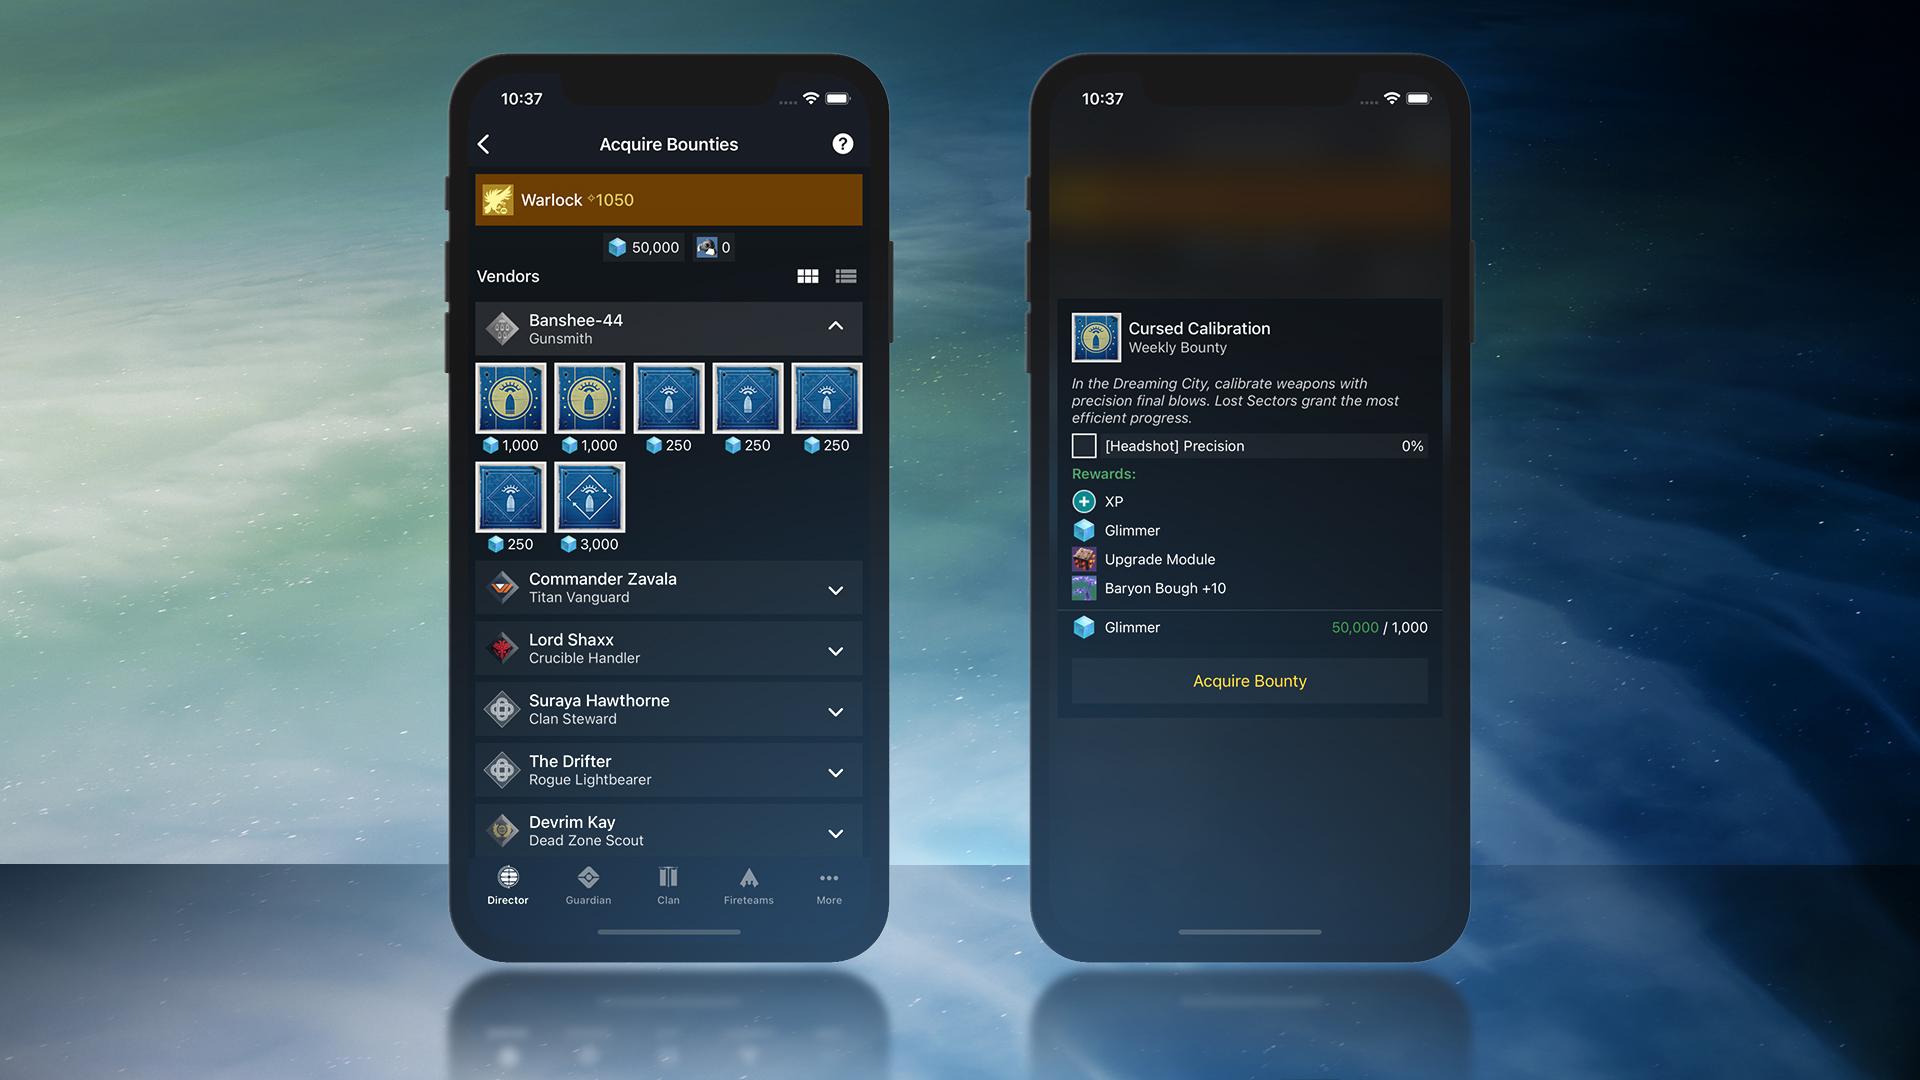 Campanion App Bounties EN - Next Gen, Companion App, Hawkmoon, and Prophecy